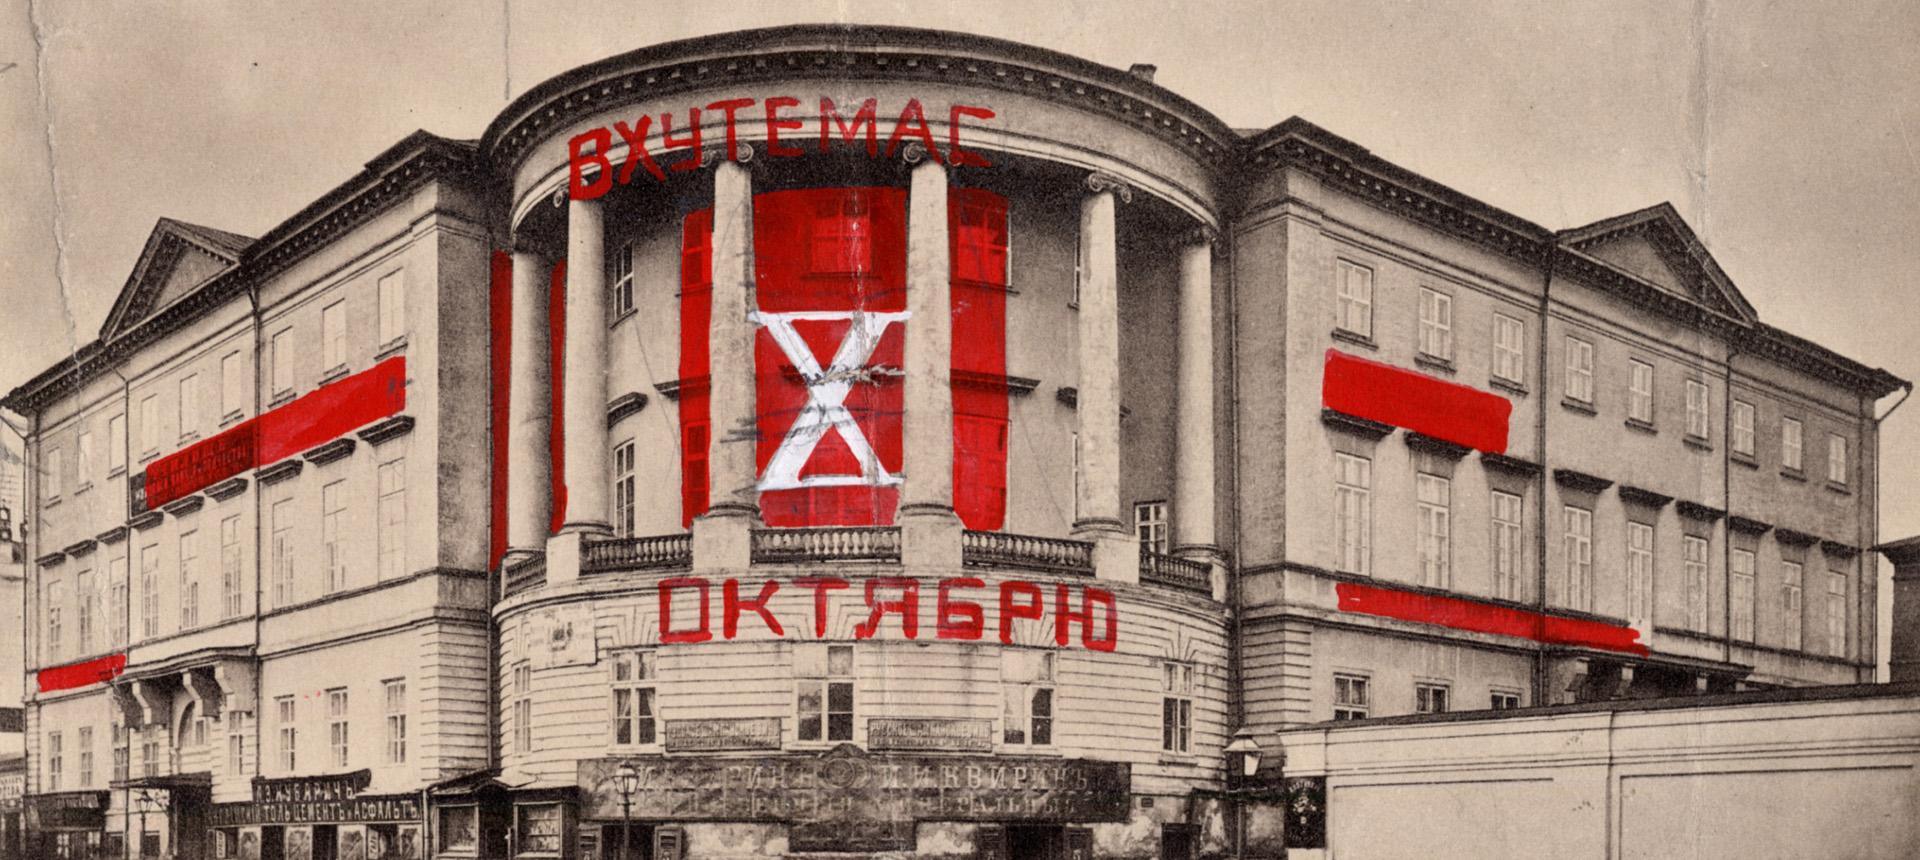 Bauhaus auf russisch